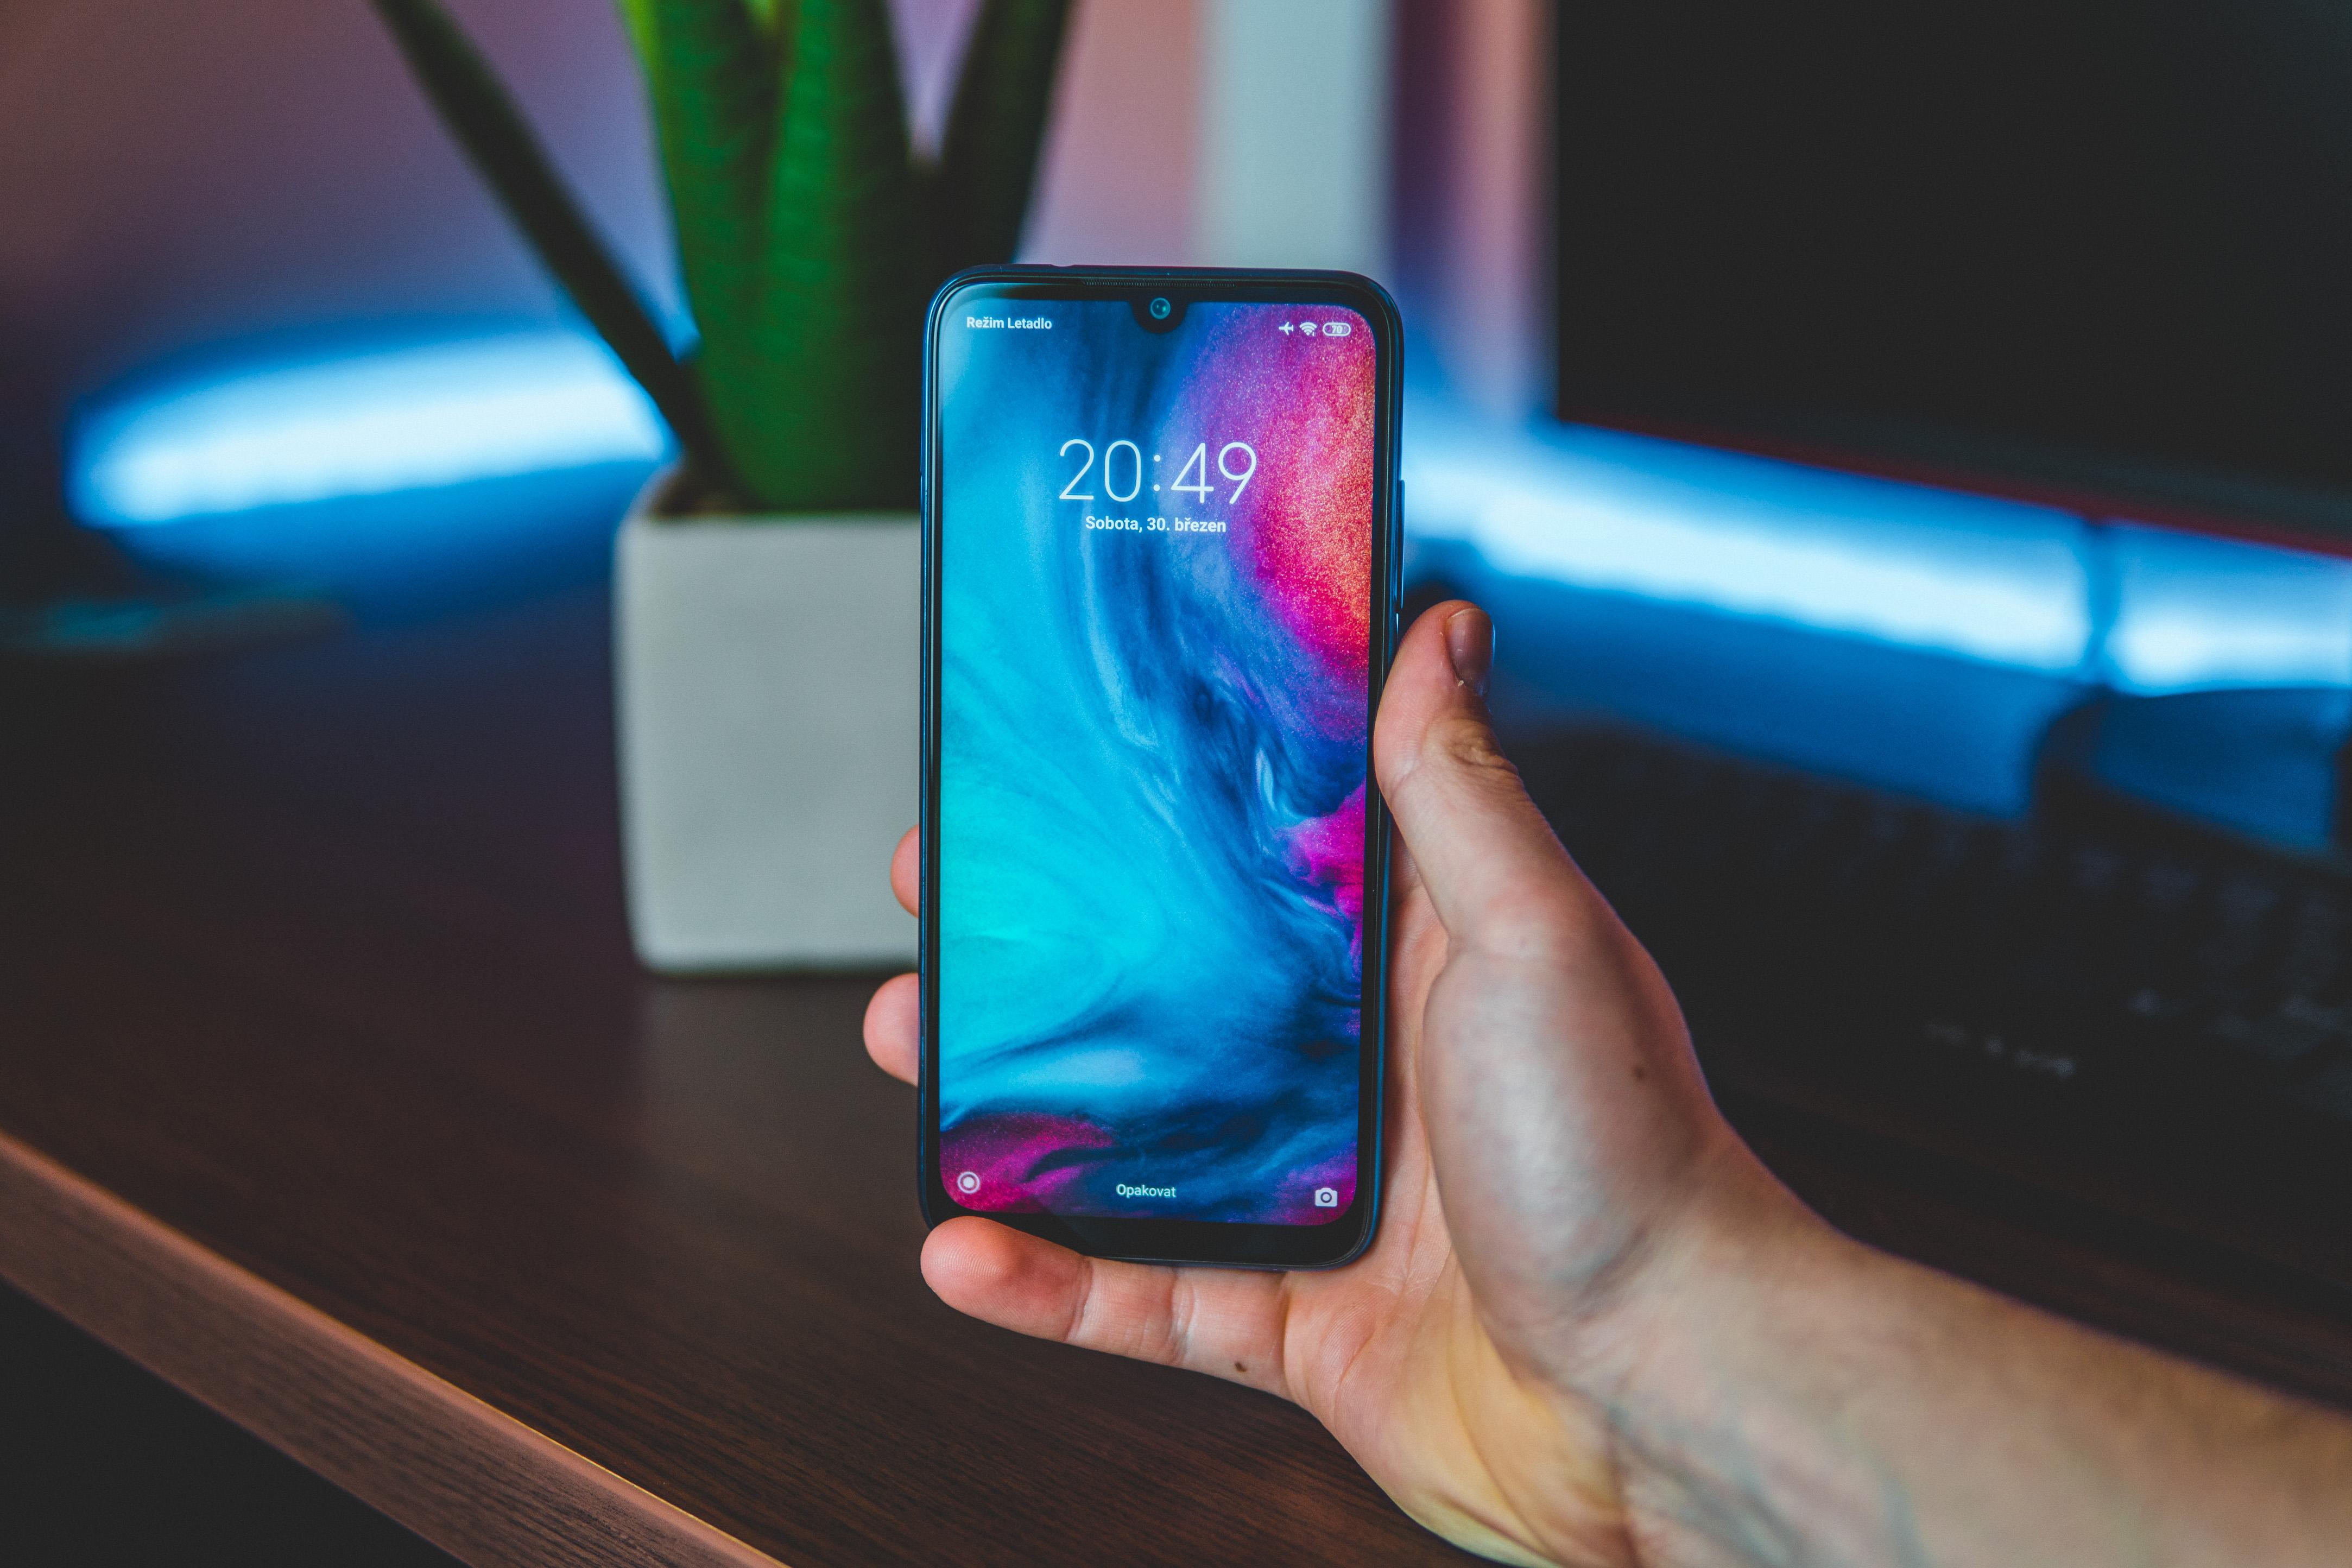 Xiaomi este pe locul întâi în Europa, după numărul de telefoane vândute. Cum a reușit să depășească Samsung